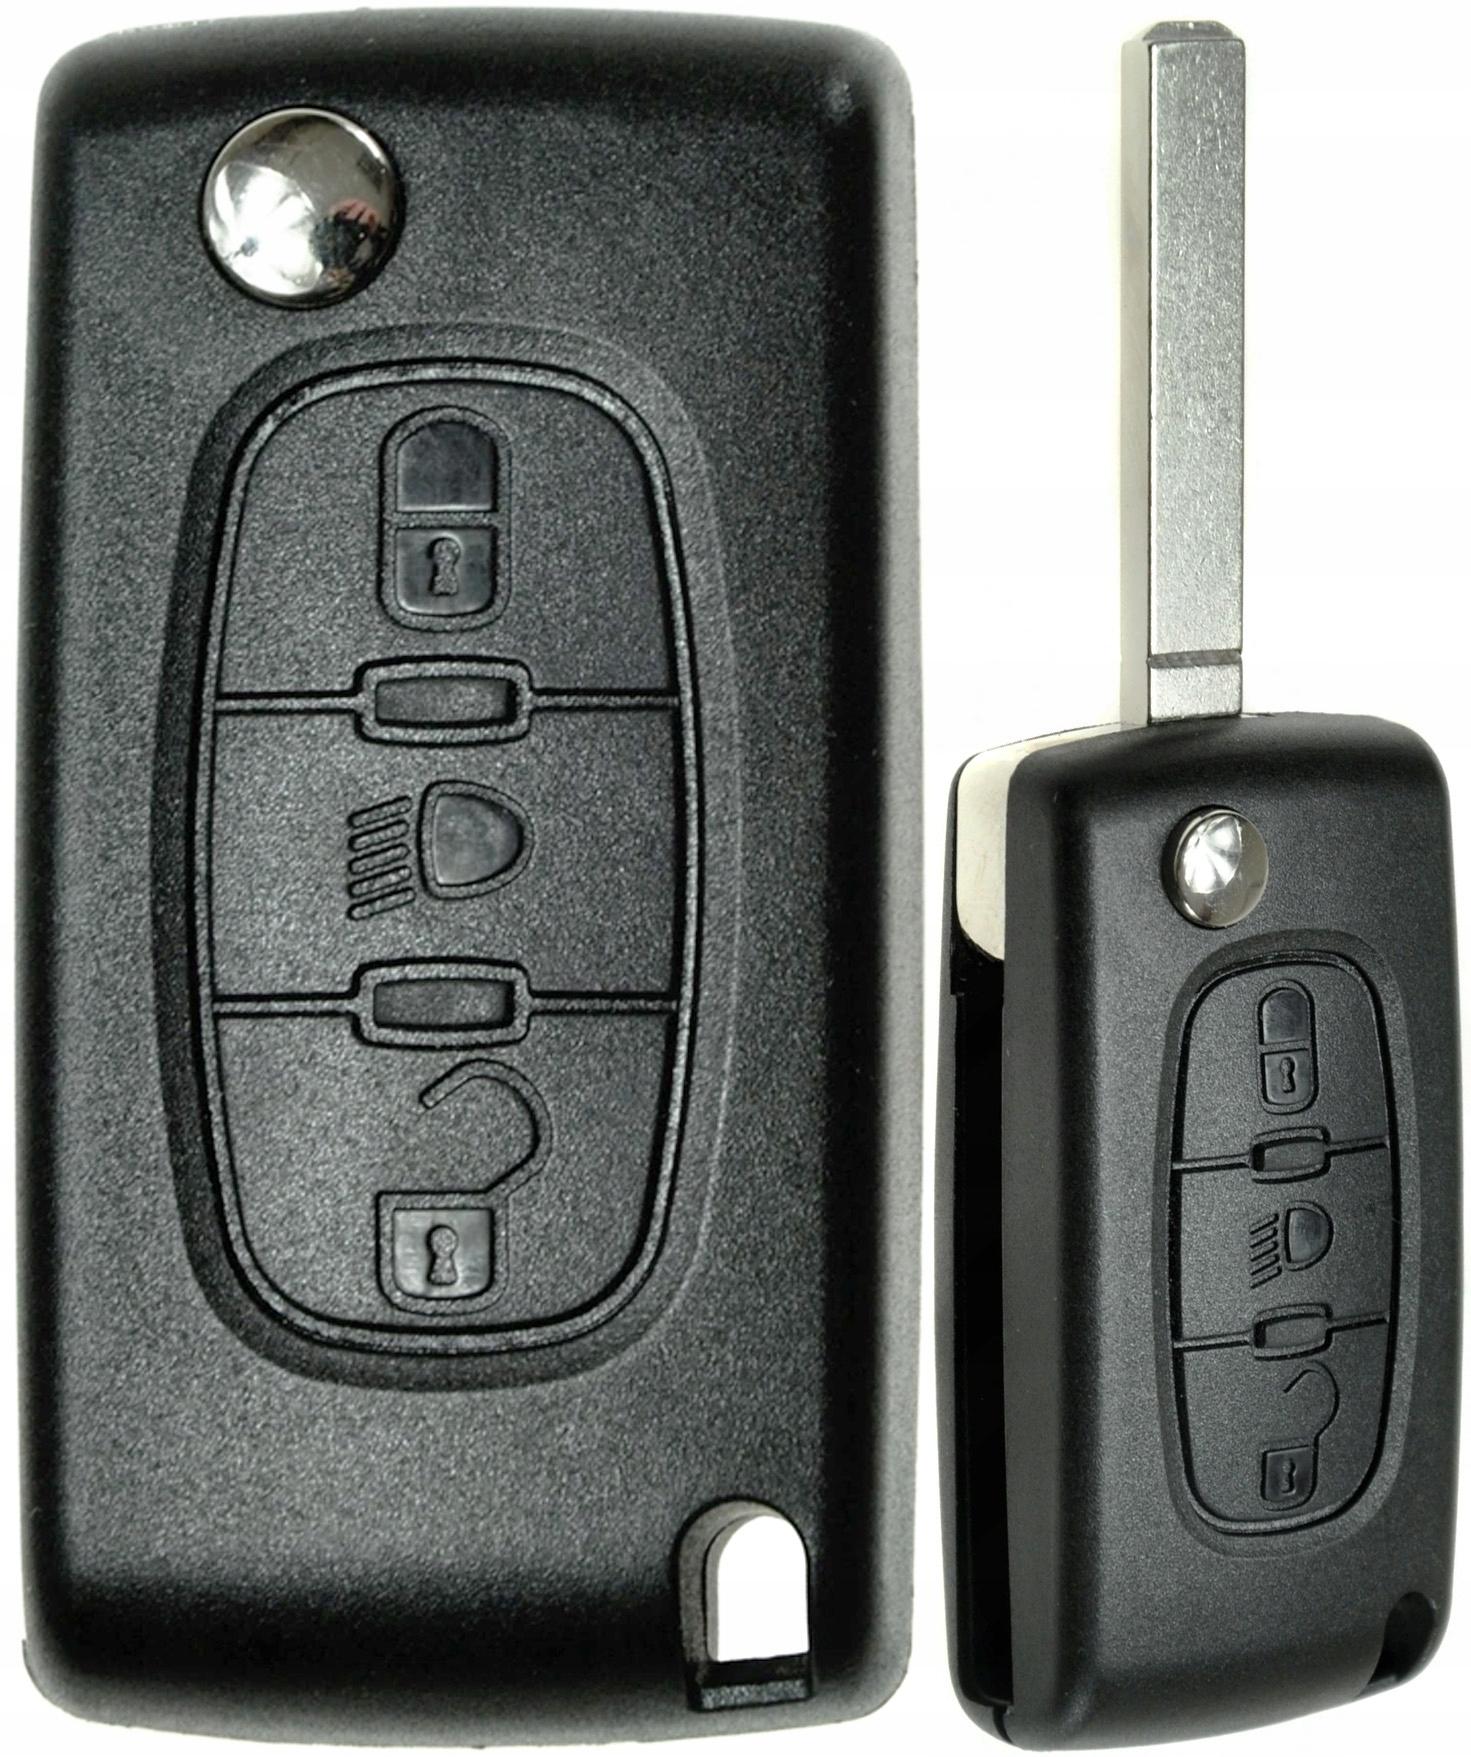 citroen c3 c4 c5 c6 пикассо корпус пульт ключ